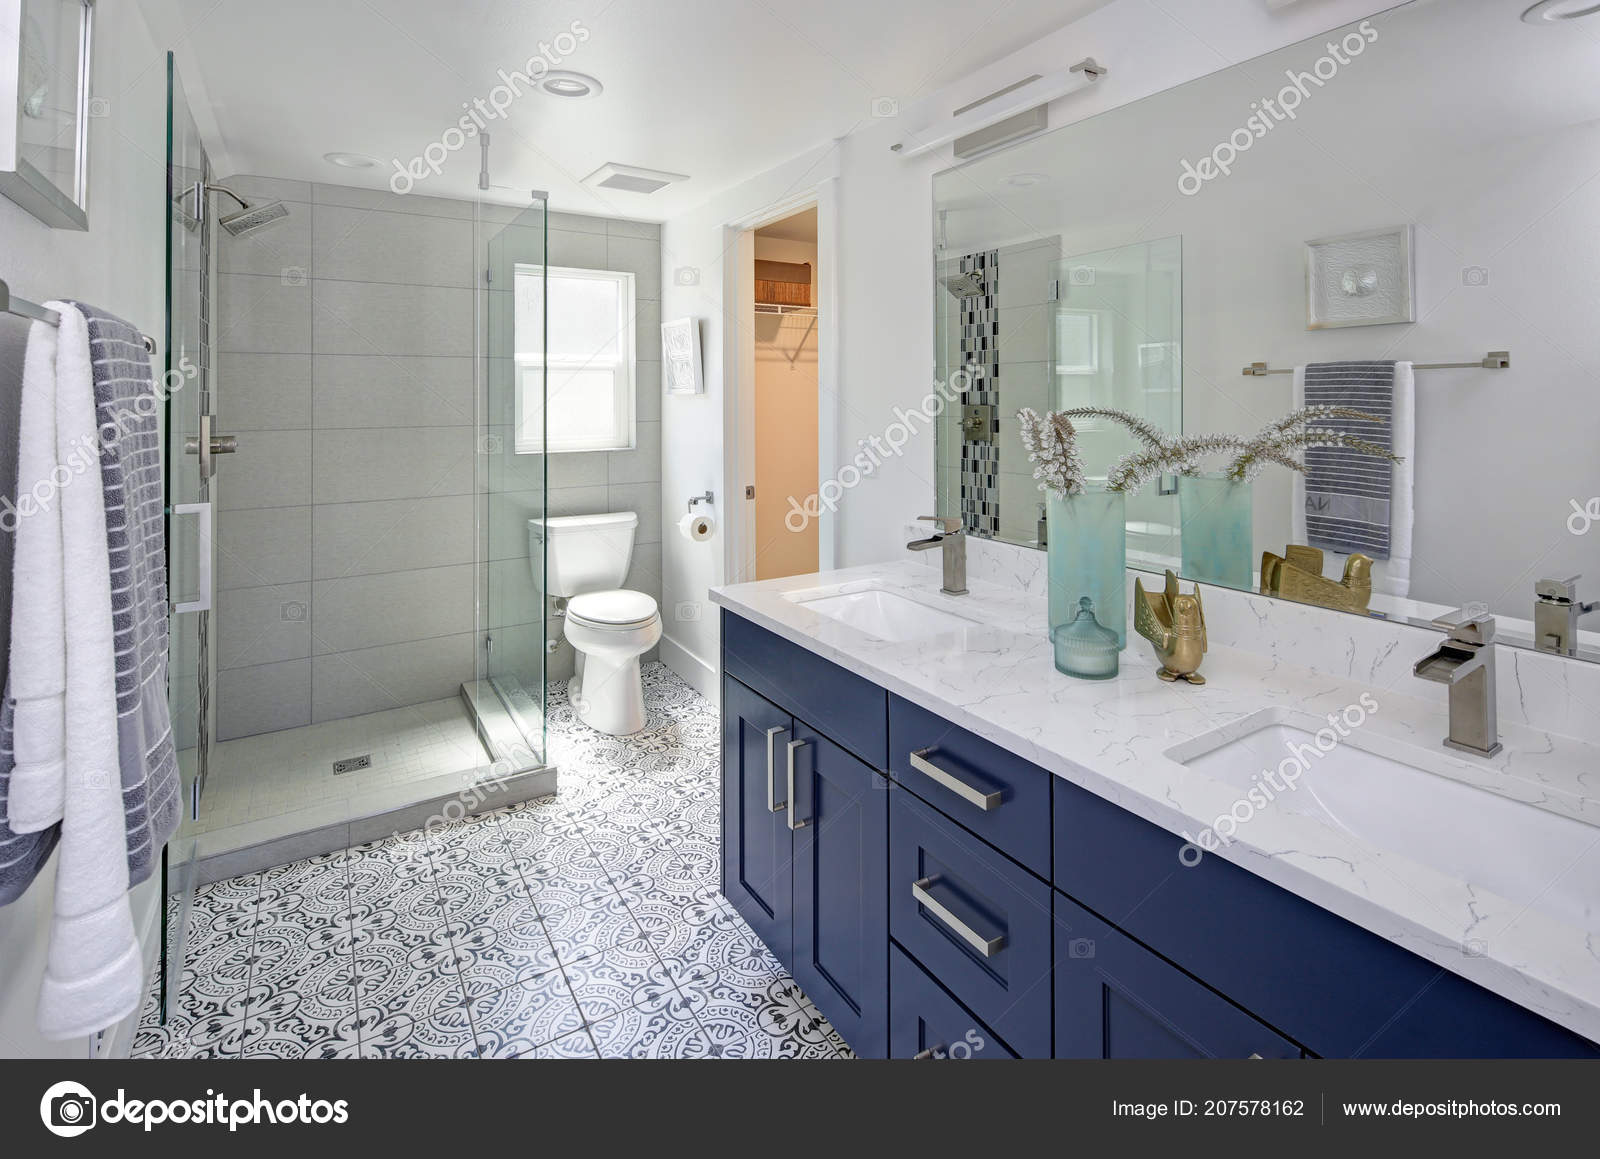 Bagni Moderni Con Doccia : Interno del bagno moderno con doccia doppia blu vanità vetro